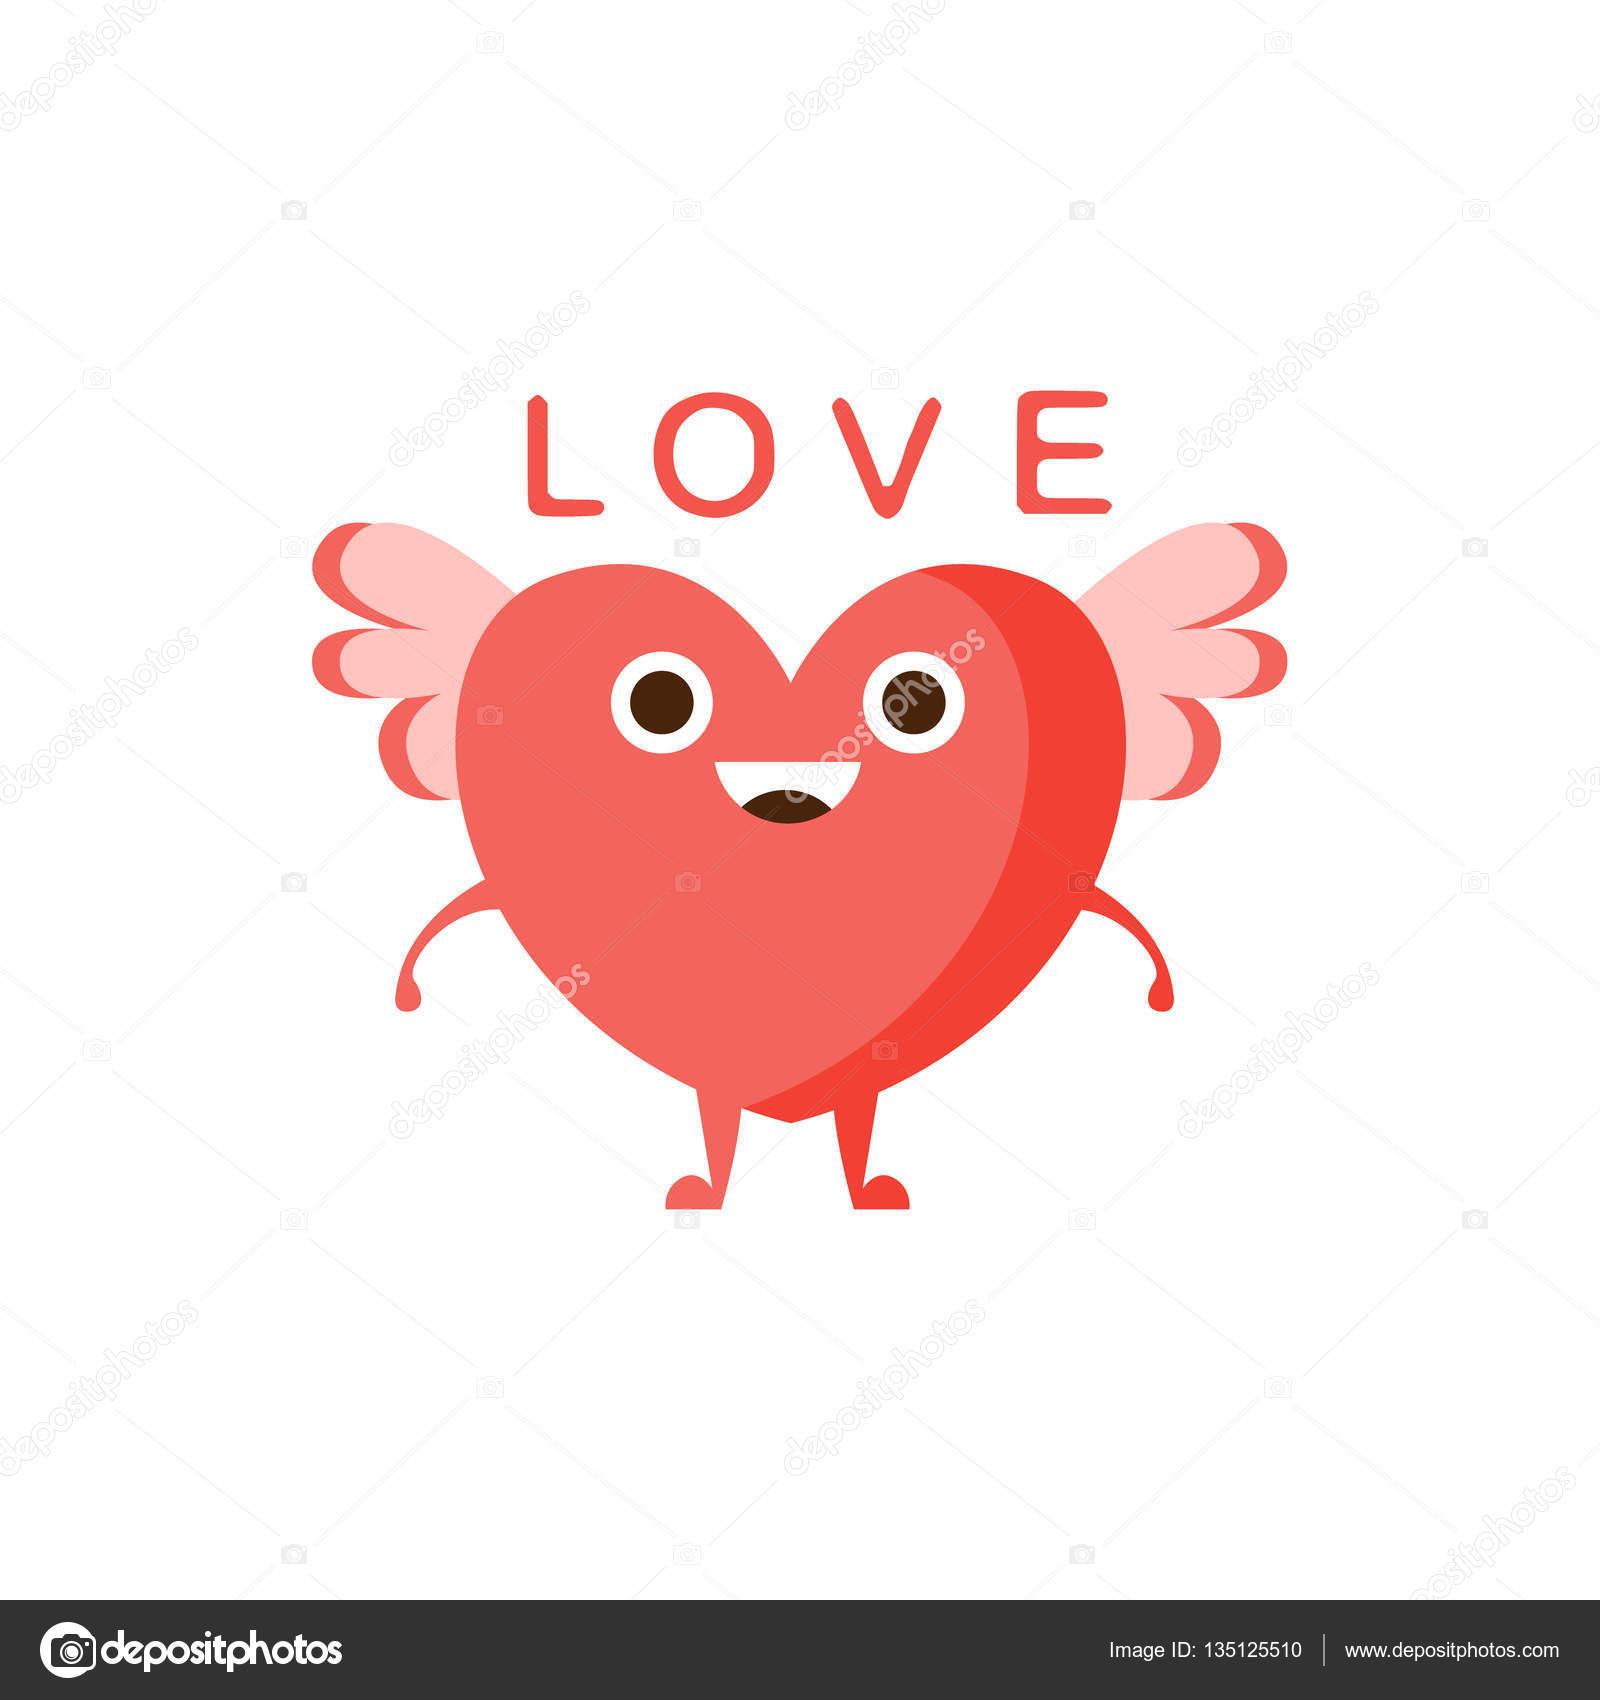 amour et coeur ail word et illustration correspondante emoji personnage dessin anim avec des yeux qui illustrent le texte illustration